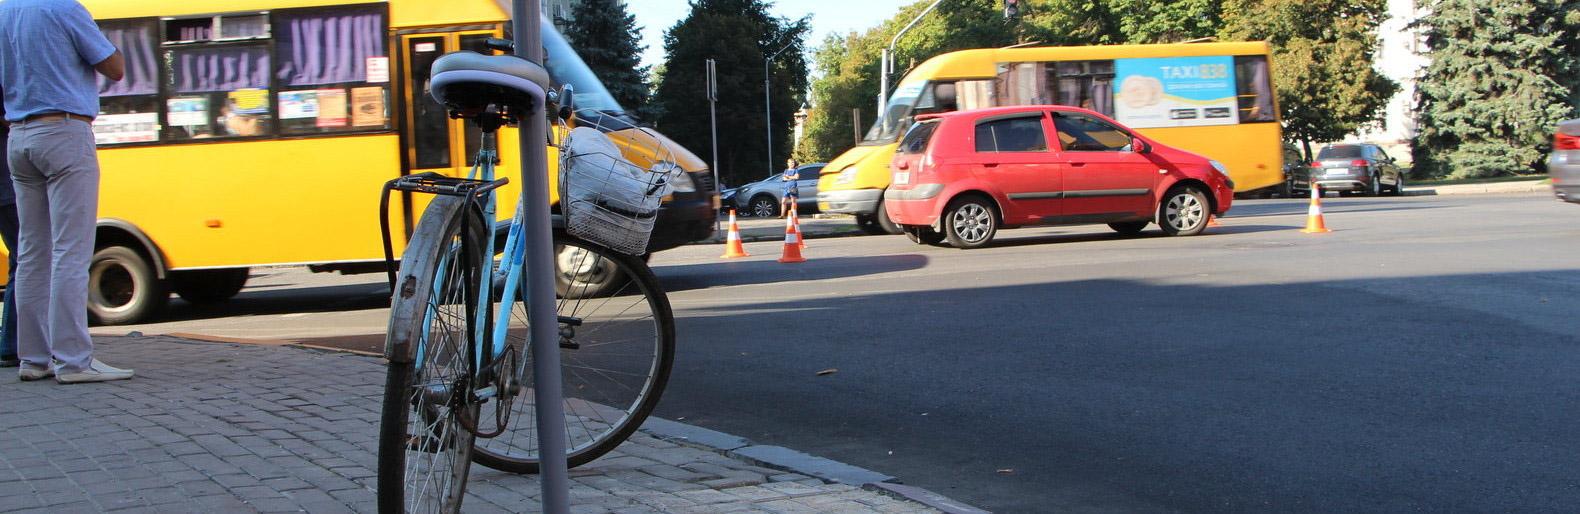 Закриту черепно-мозкову травму і перелом отримала велосипедистка, постраждала в ДТП на Прикарпатті